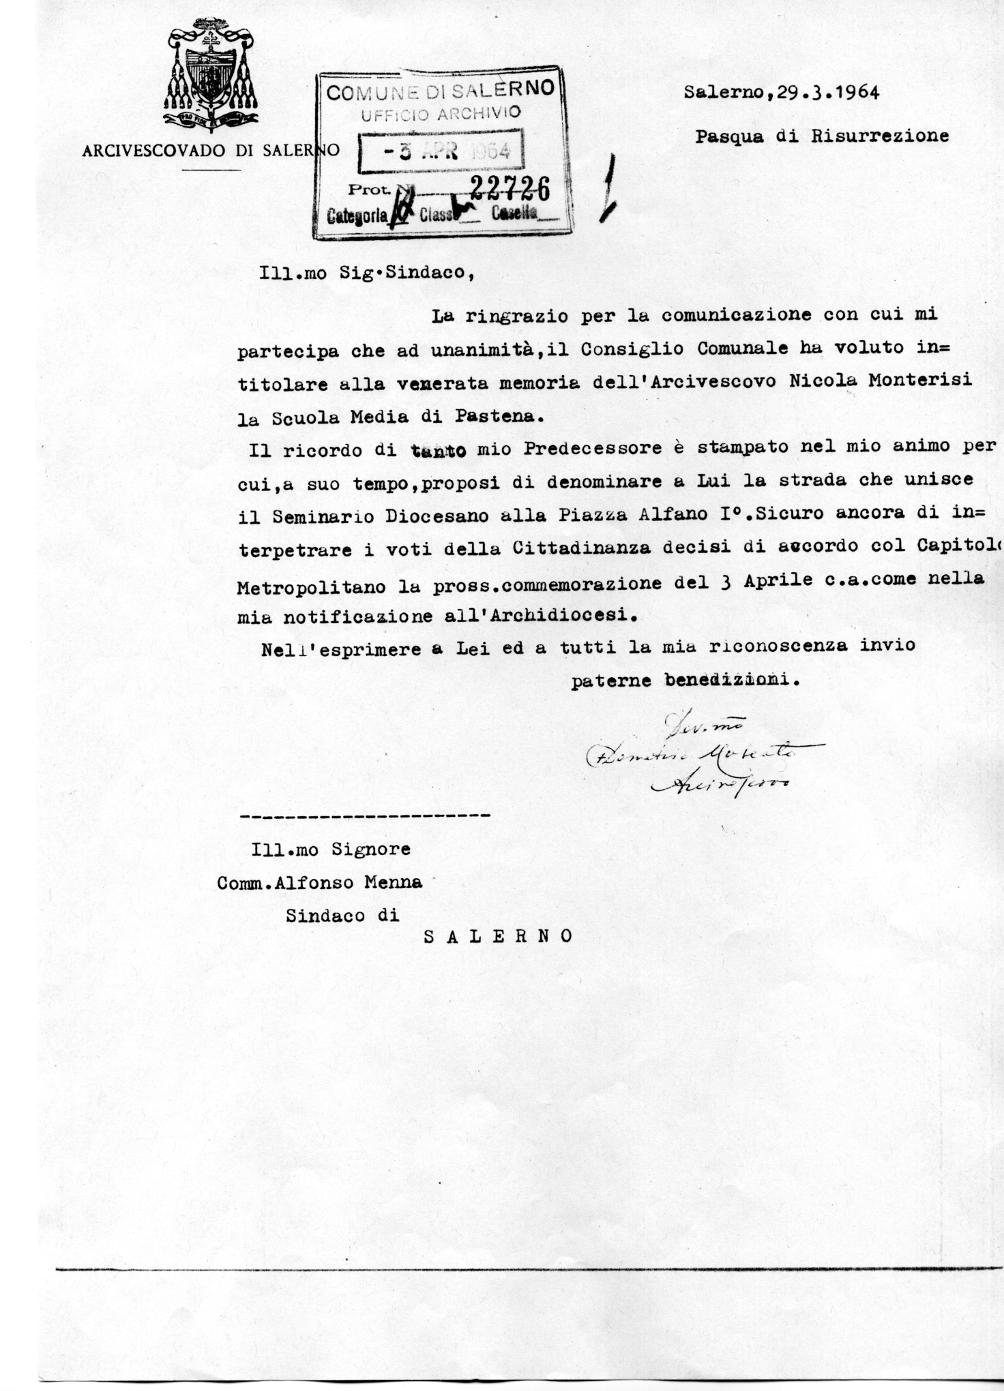 Lettera inviata da S.E. l'Arcivescovo di Salerno Mons. Demetrio Moscato al Sindaco di Salerno (Archivio storico Comune di Salerno)